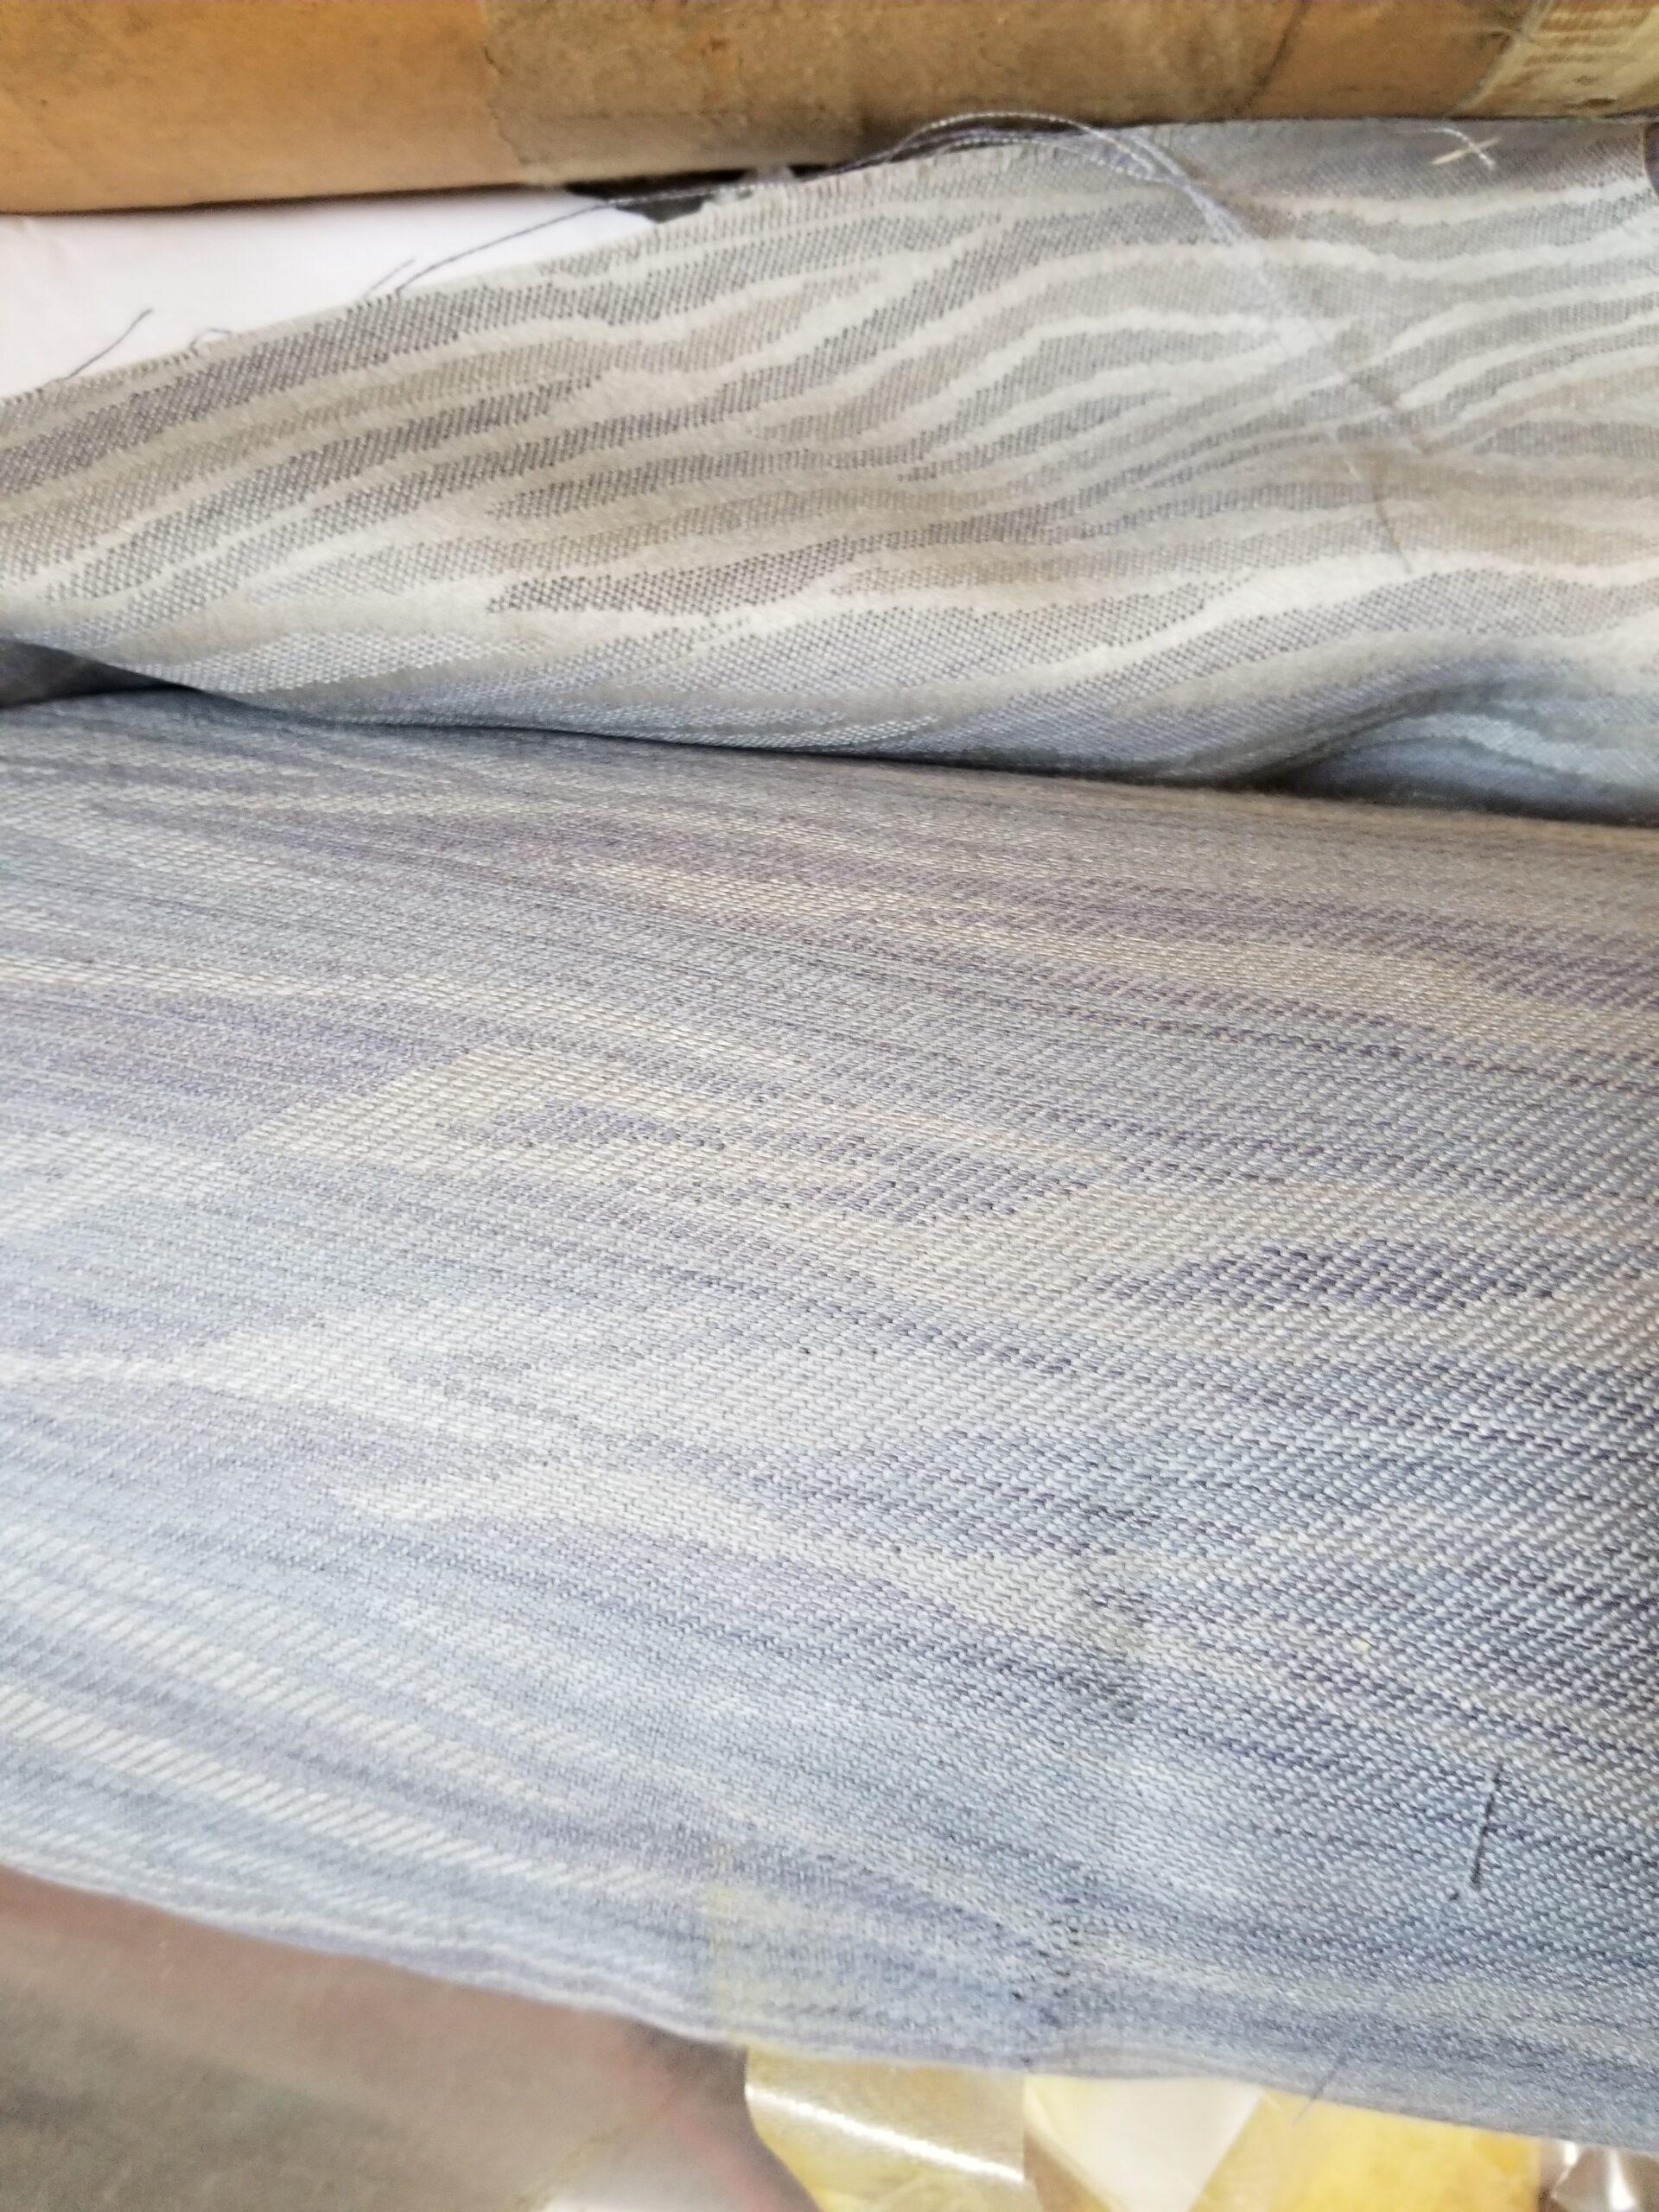 Blue Seat Fabric P/N:L25SR003684740 - NS